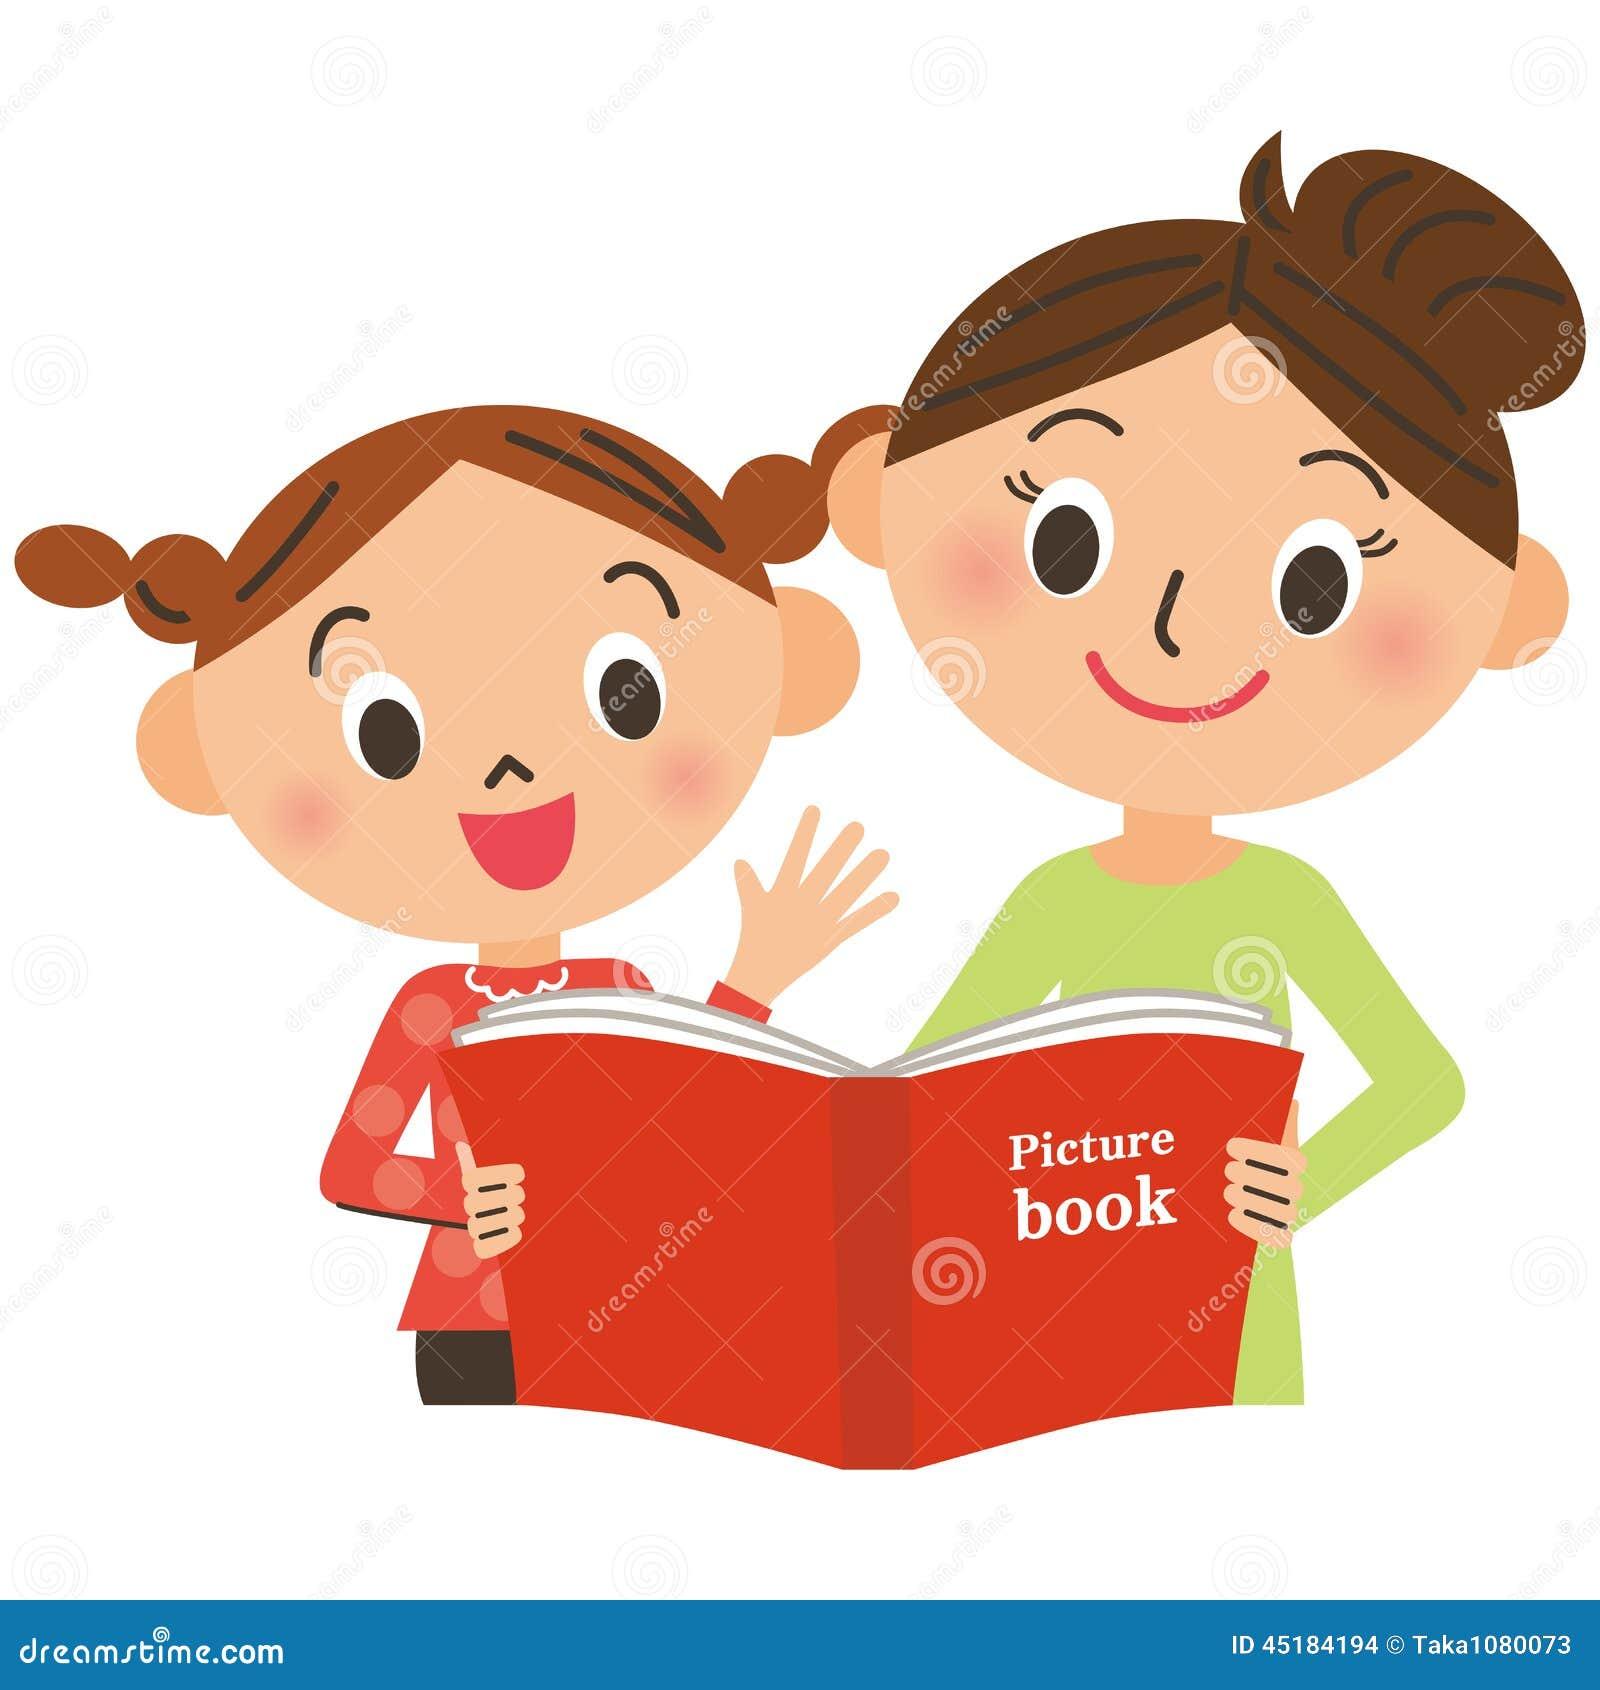 外国母亲与儿子性交图片_聚集为母亲的孩子读画书